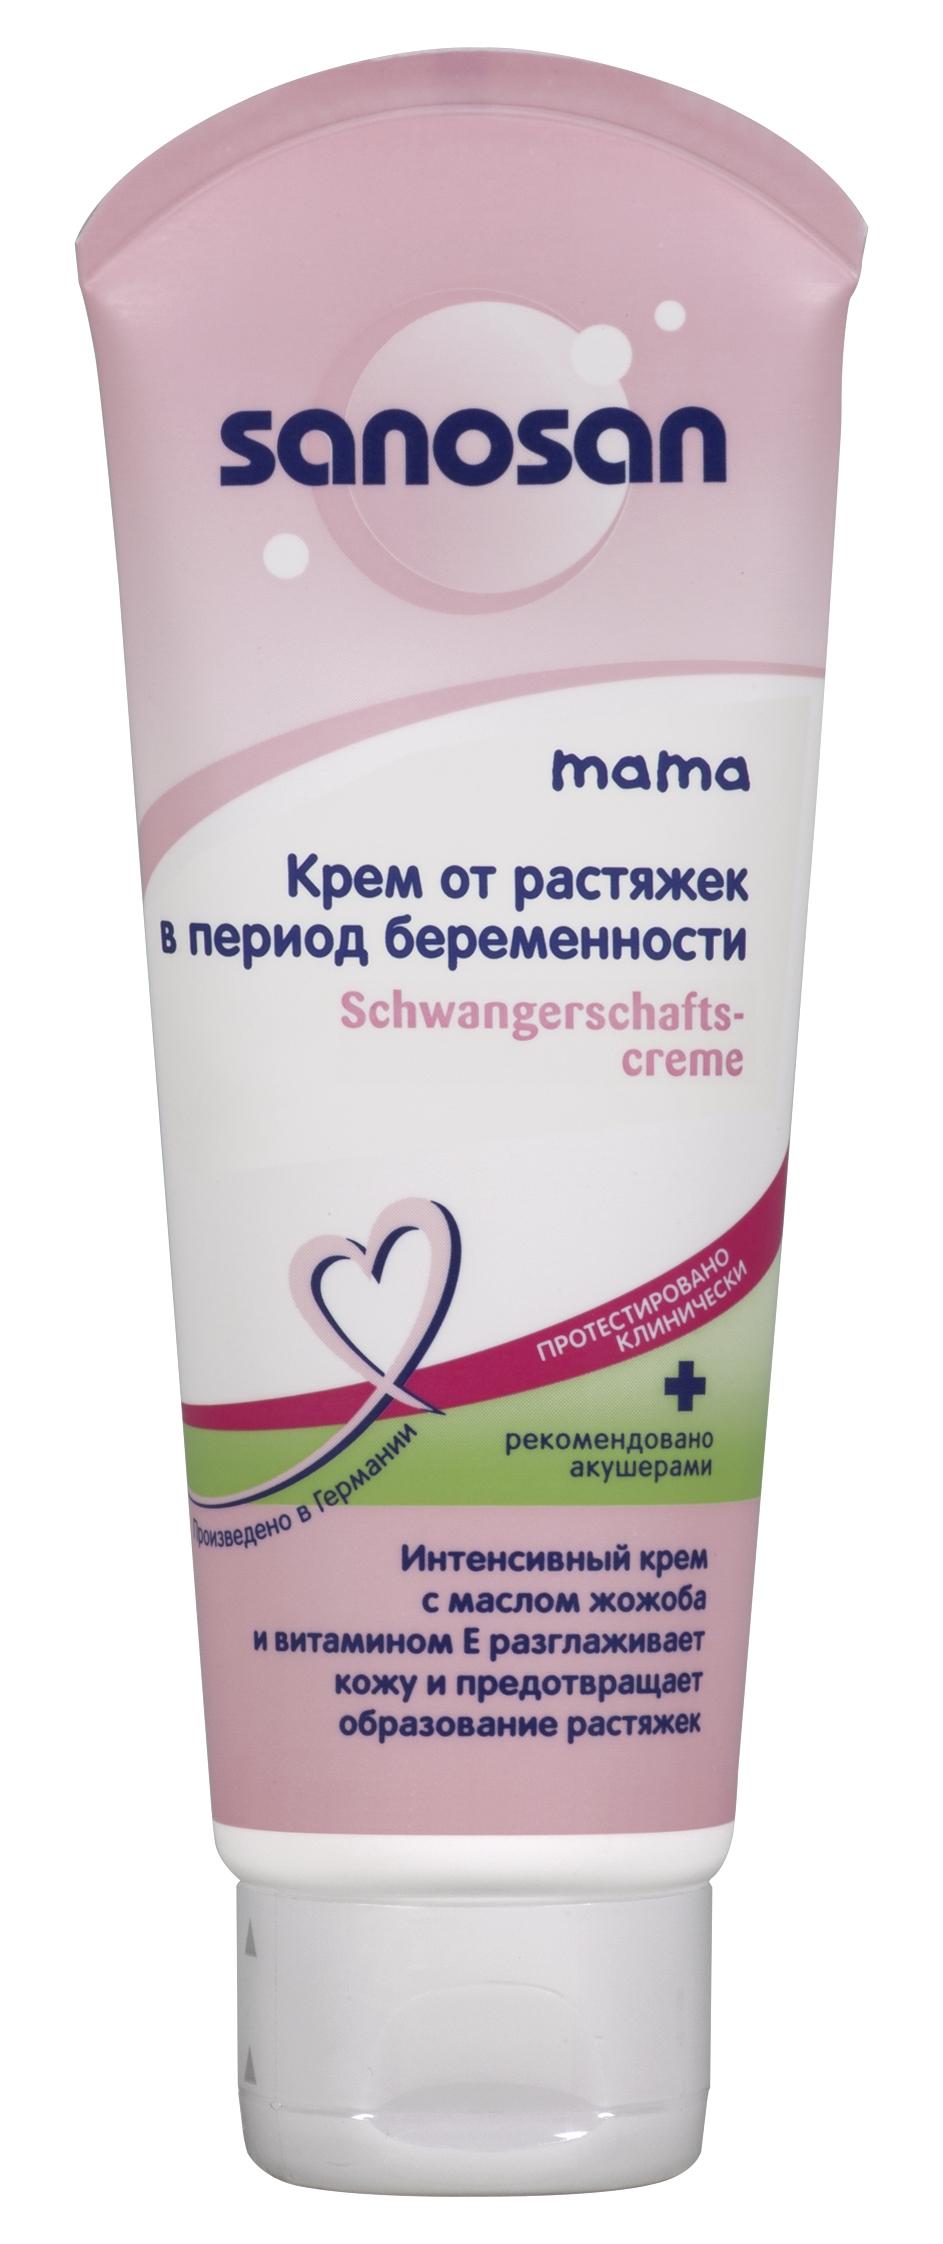 Косметика для мам Sanosan Крем от растяжек Sanosan mama 100 мл крем для сухой кожи рук календула и масло смородины green mama 100 мл